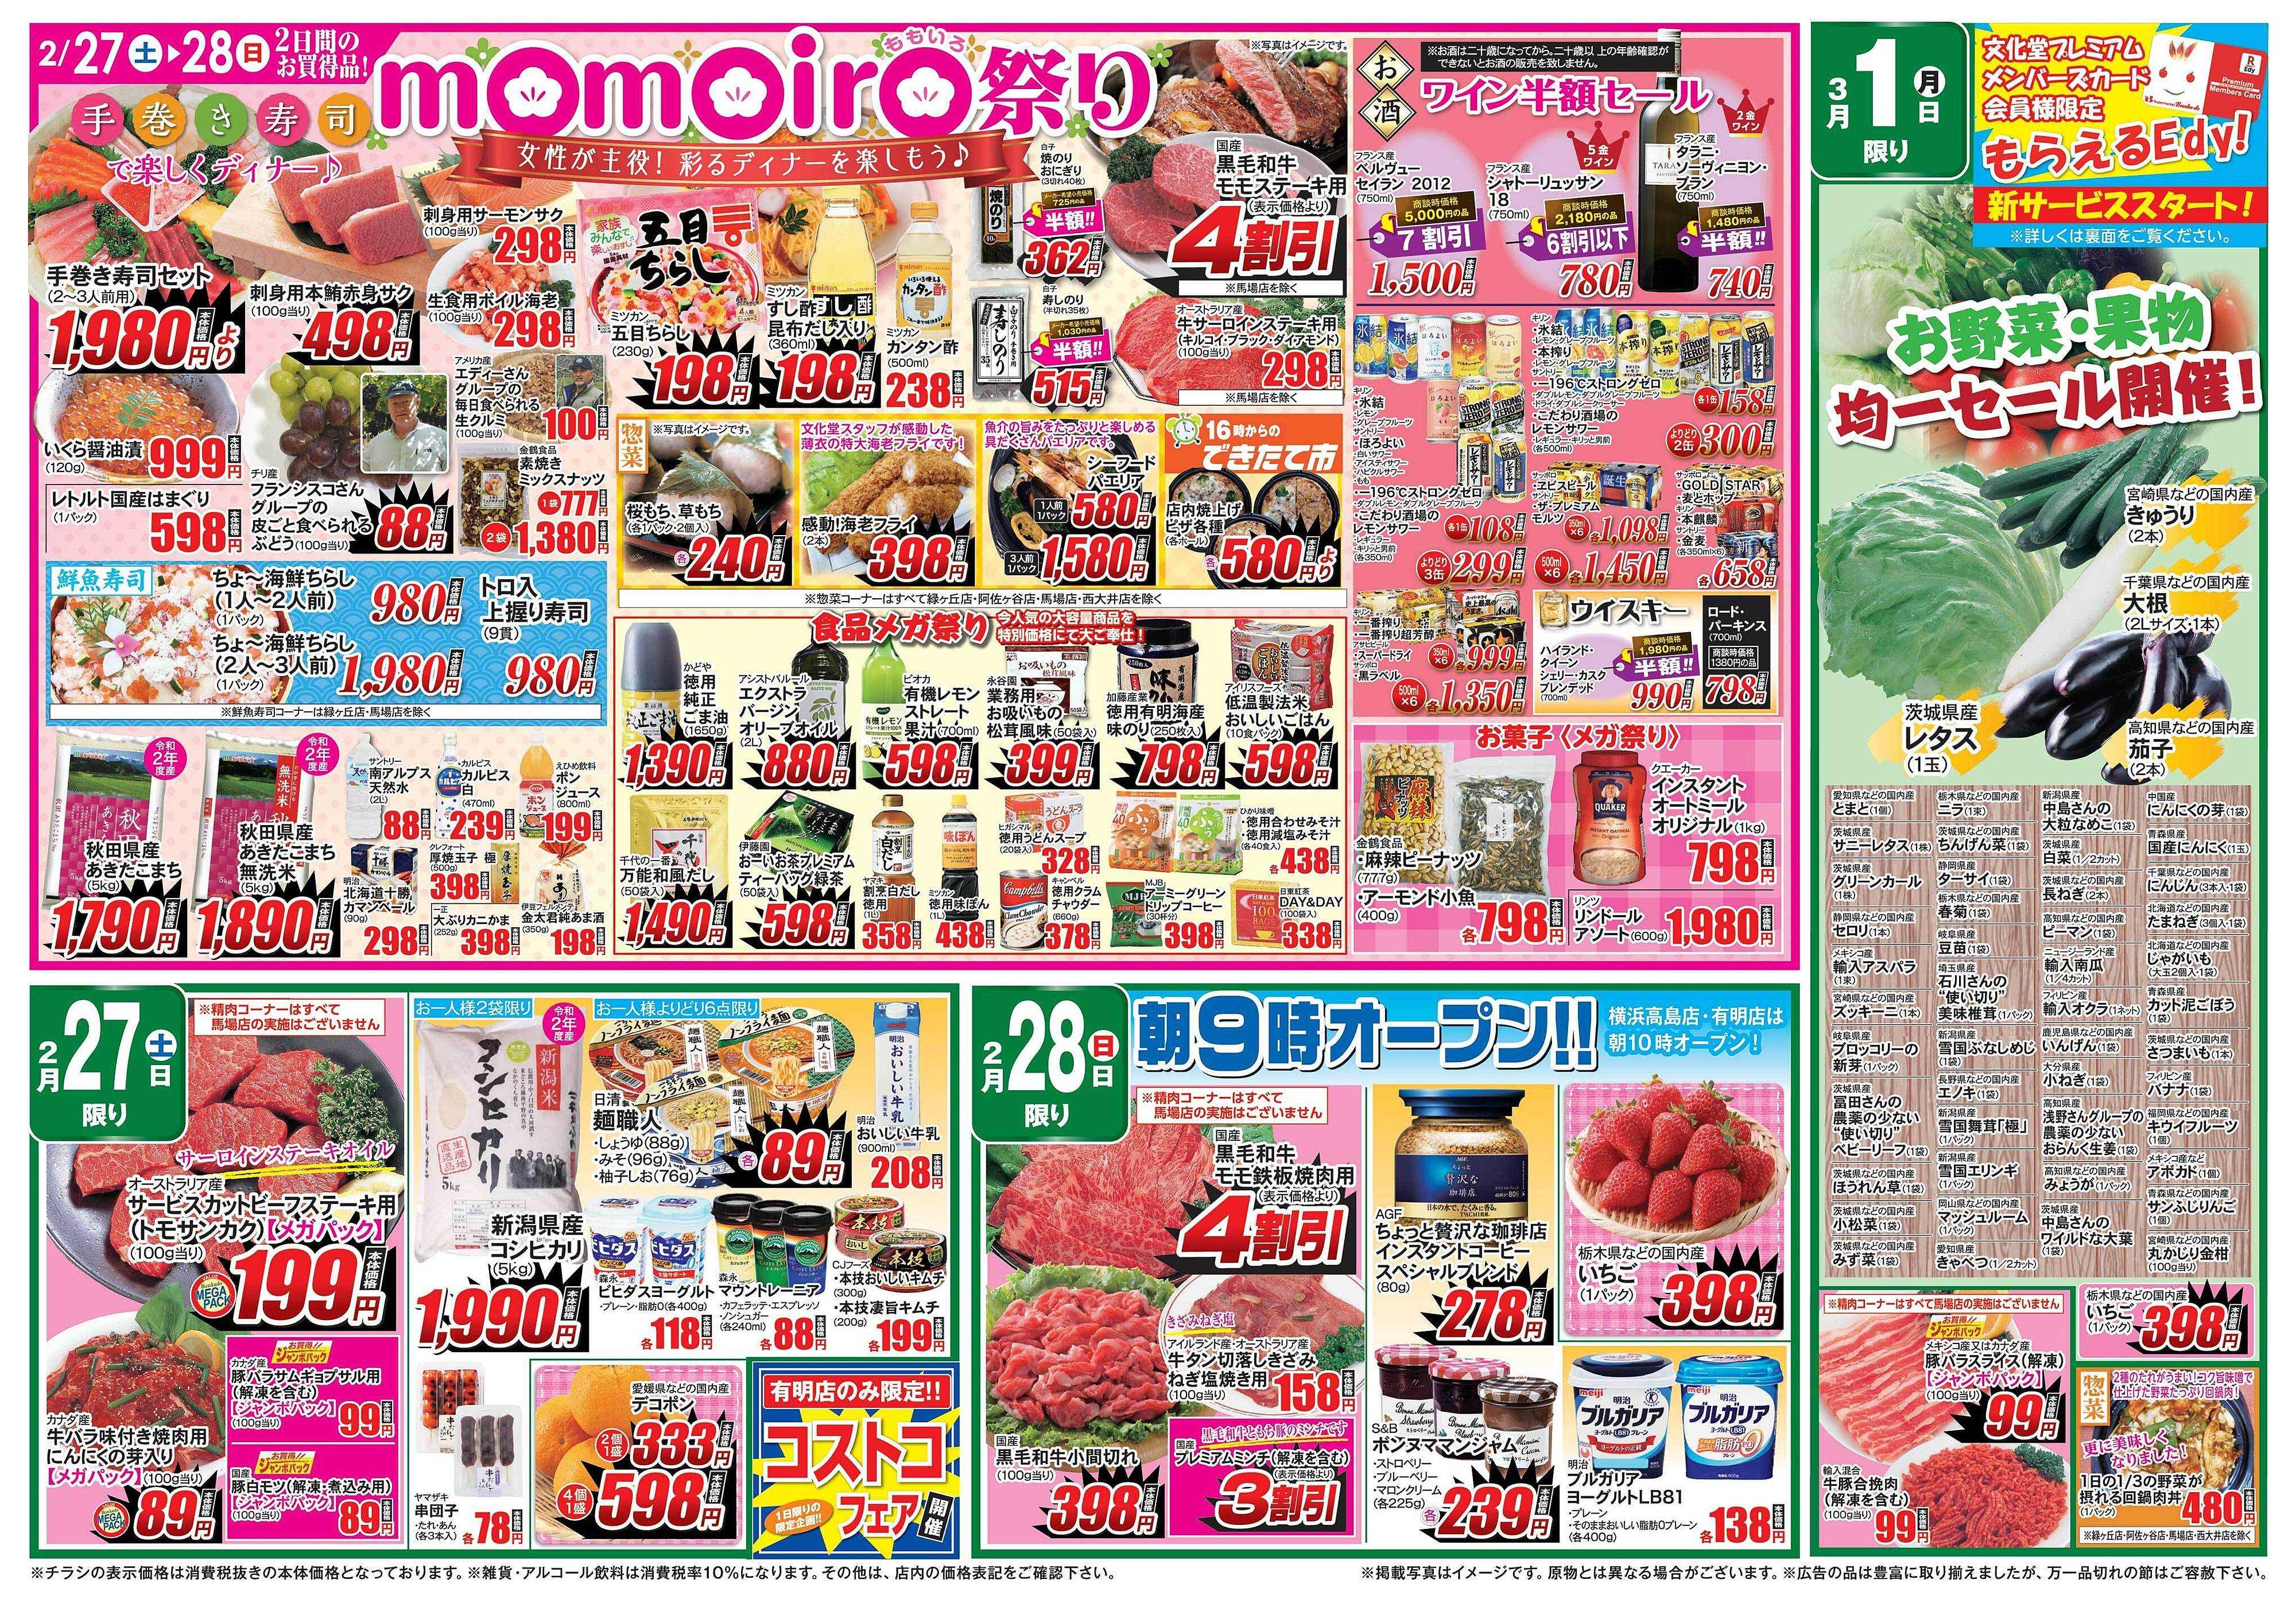 文化堂 momoiro祭り